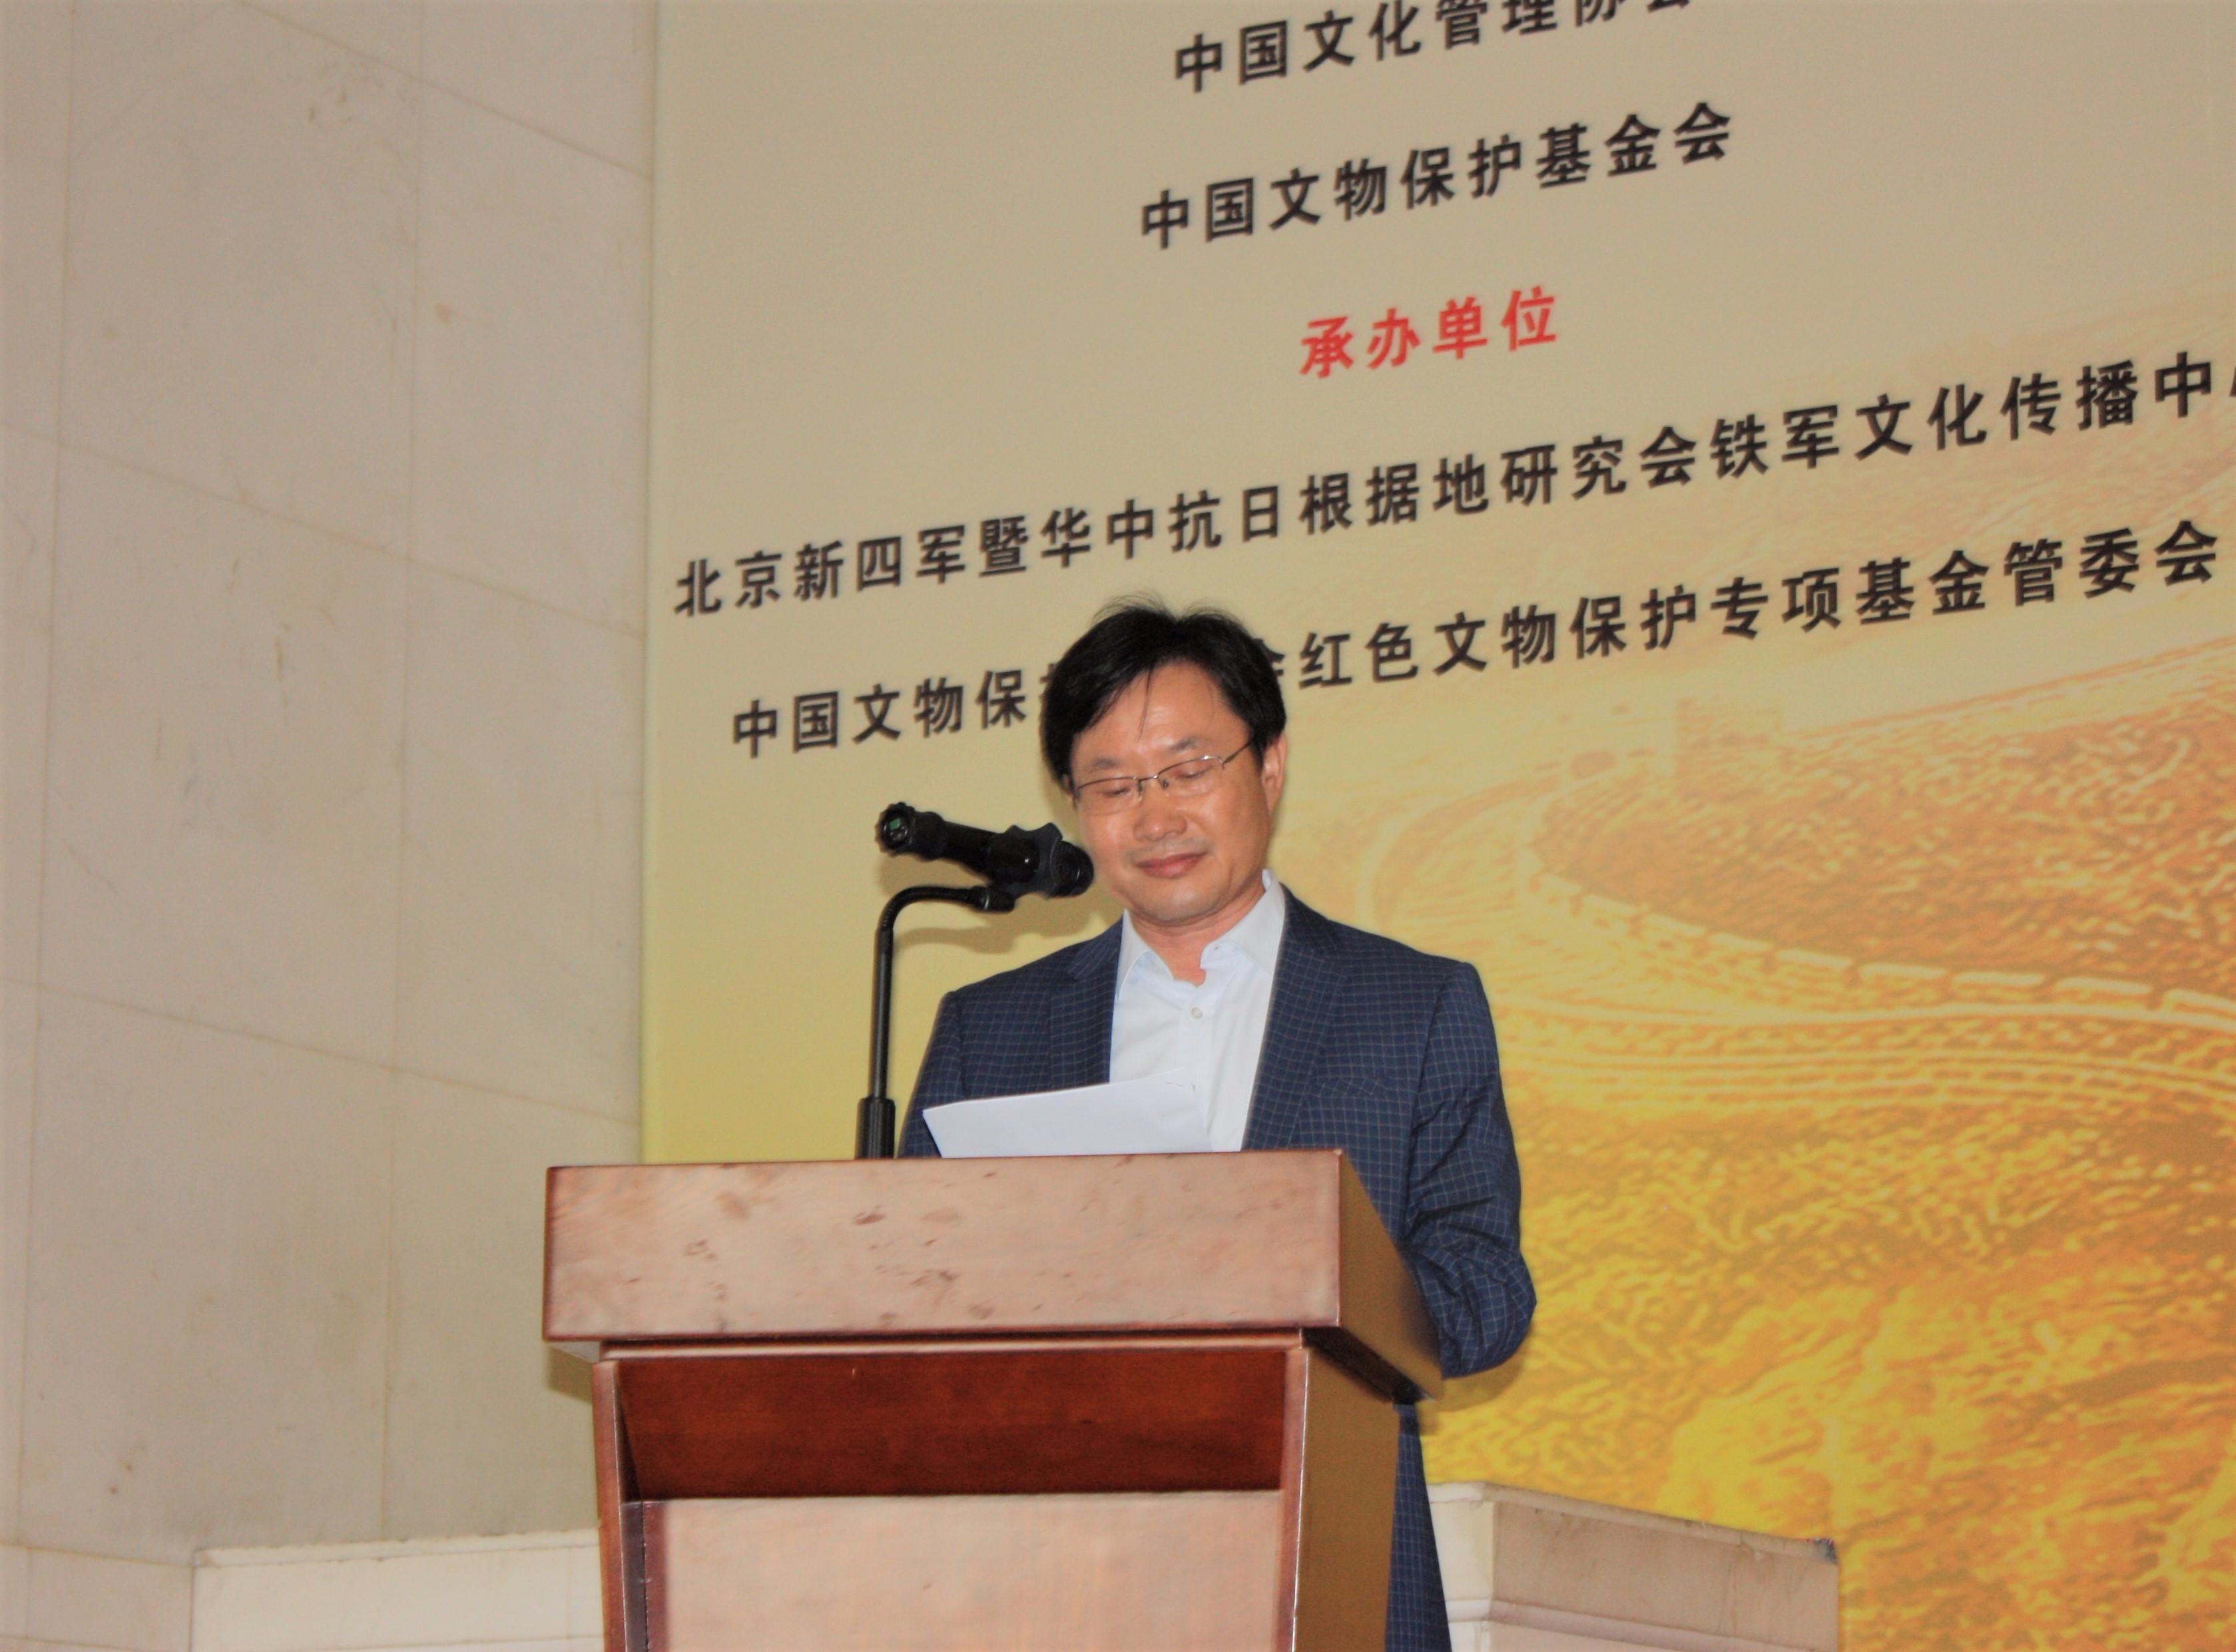 中国文化管理协会书画工作委员会郭子良会长发表讲话.JPG